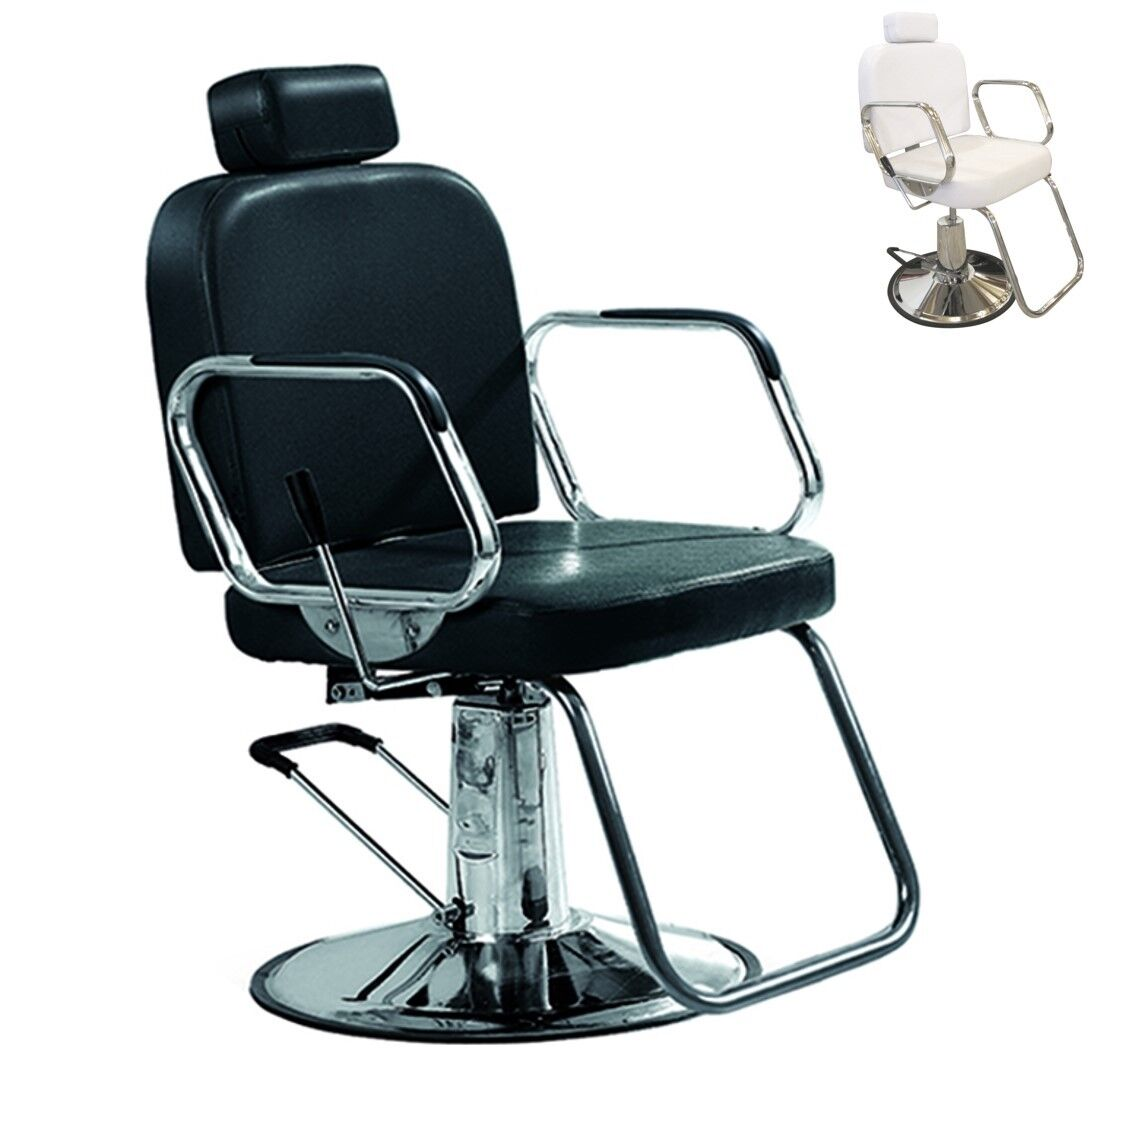 SIVIGLIA Poltrona sedia per parrucchiere coiffeur barbiere parrucchiera salone x